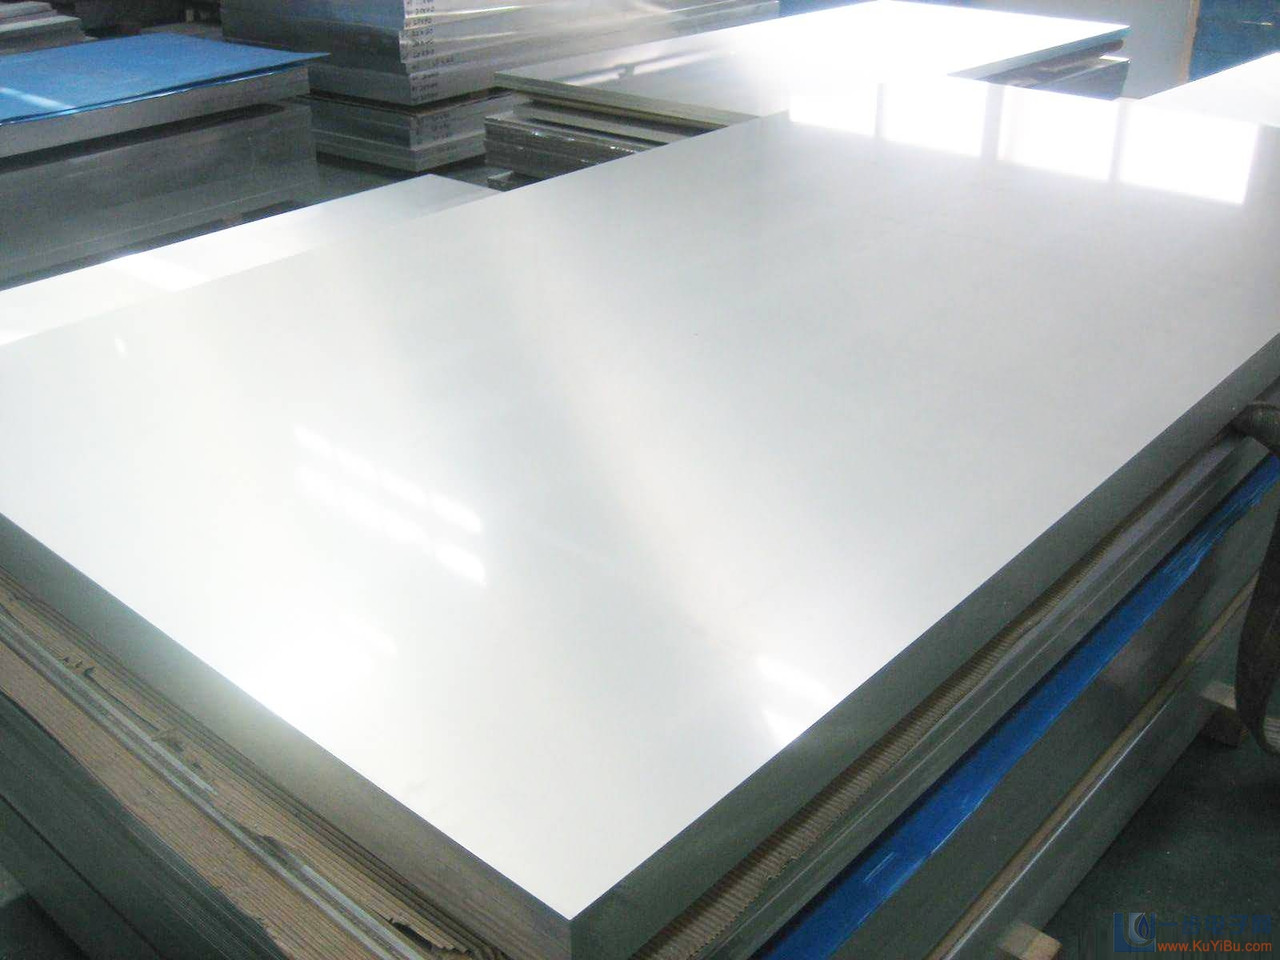 Лист алюминиевый 8.0 мм Д16АТ